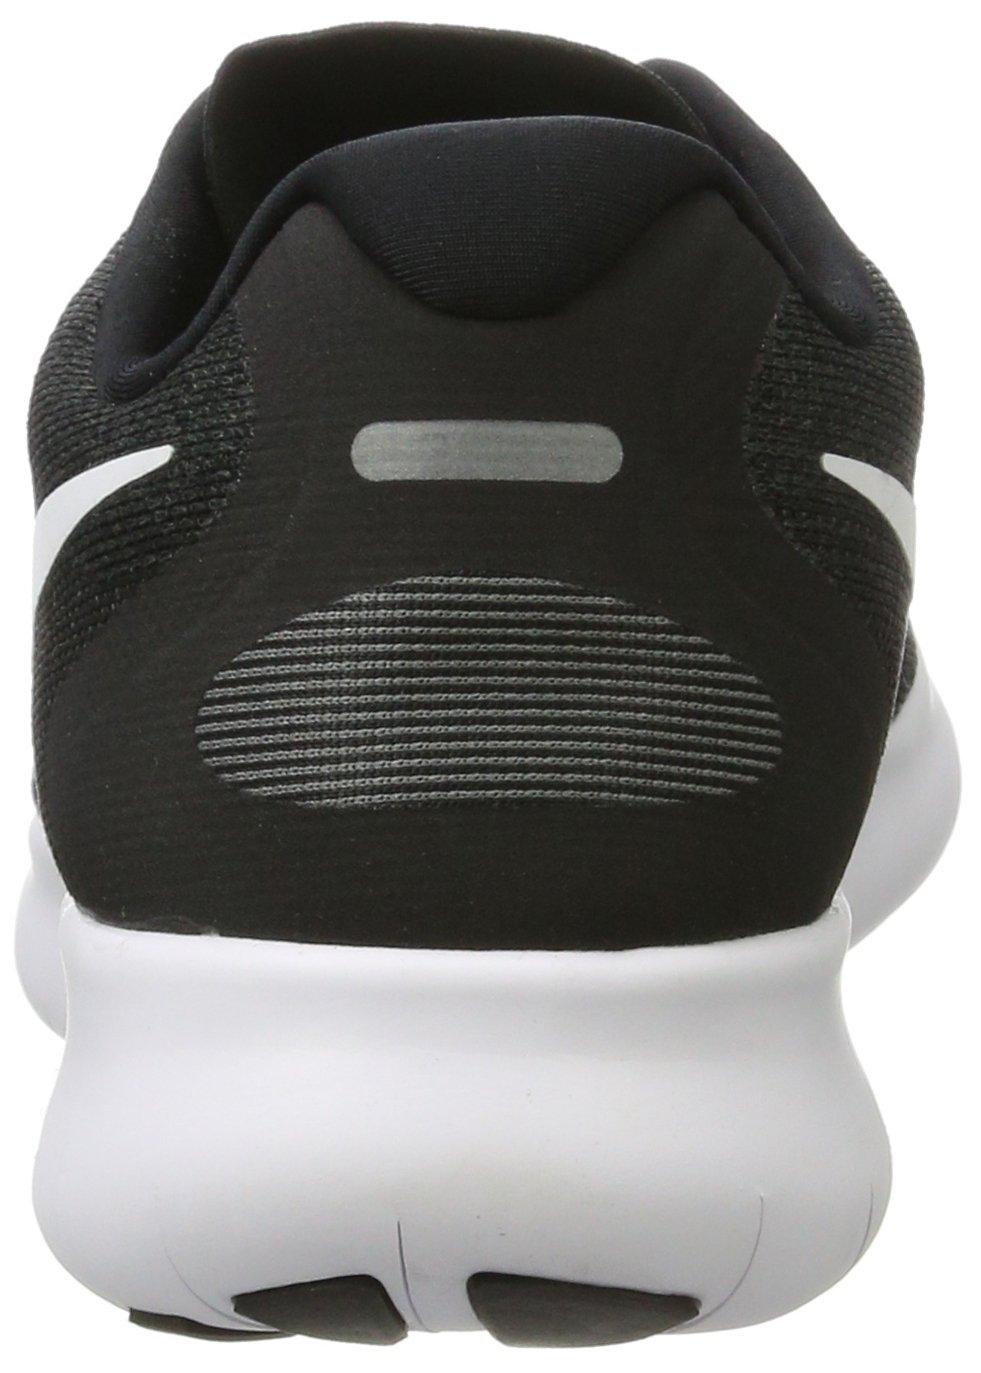 Nike Men's Free RN 2017 Running Shoe Black/White/Dark Grey/Anthracite Size 7.5 M US by Nike (Image #2)